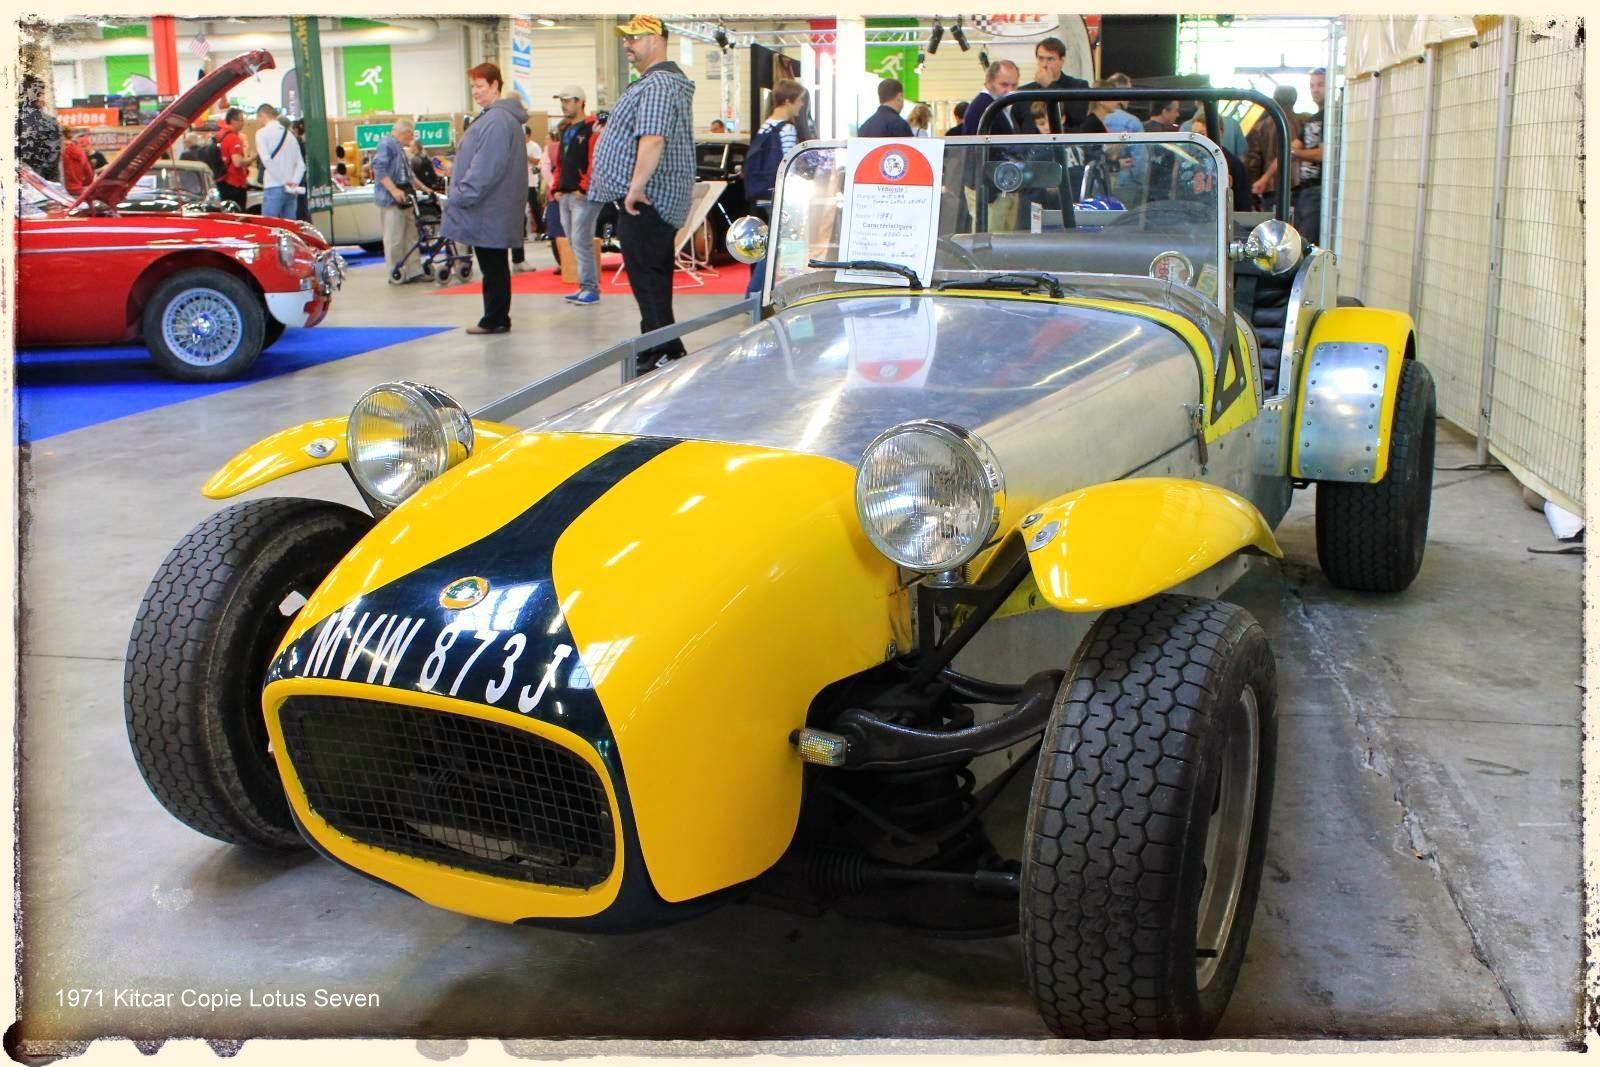 Automédon - 1971 Kitcar Copie Lotus Seven